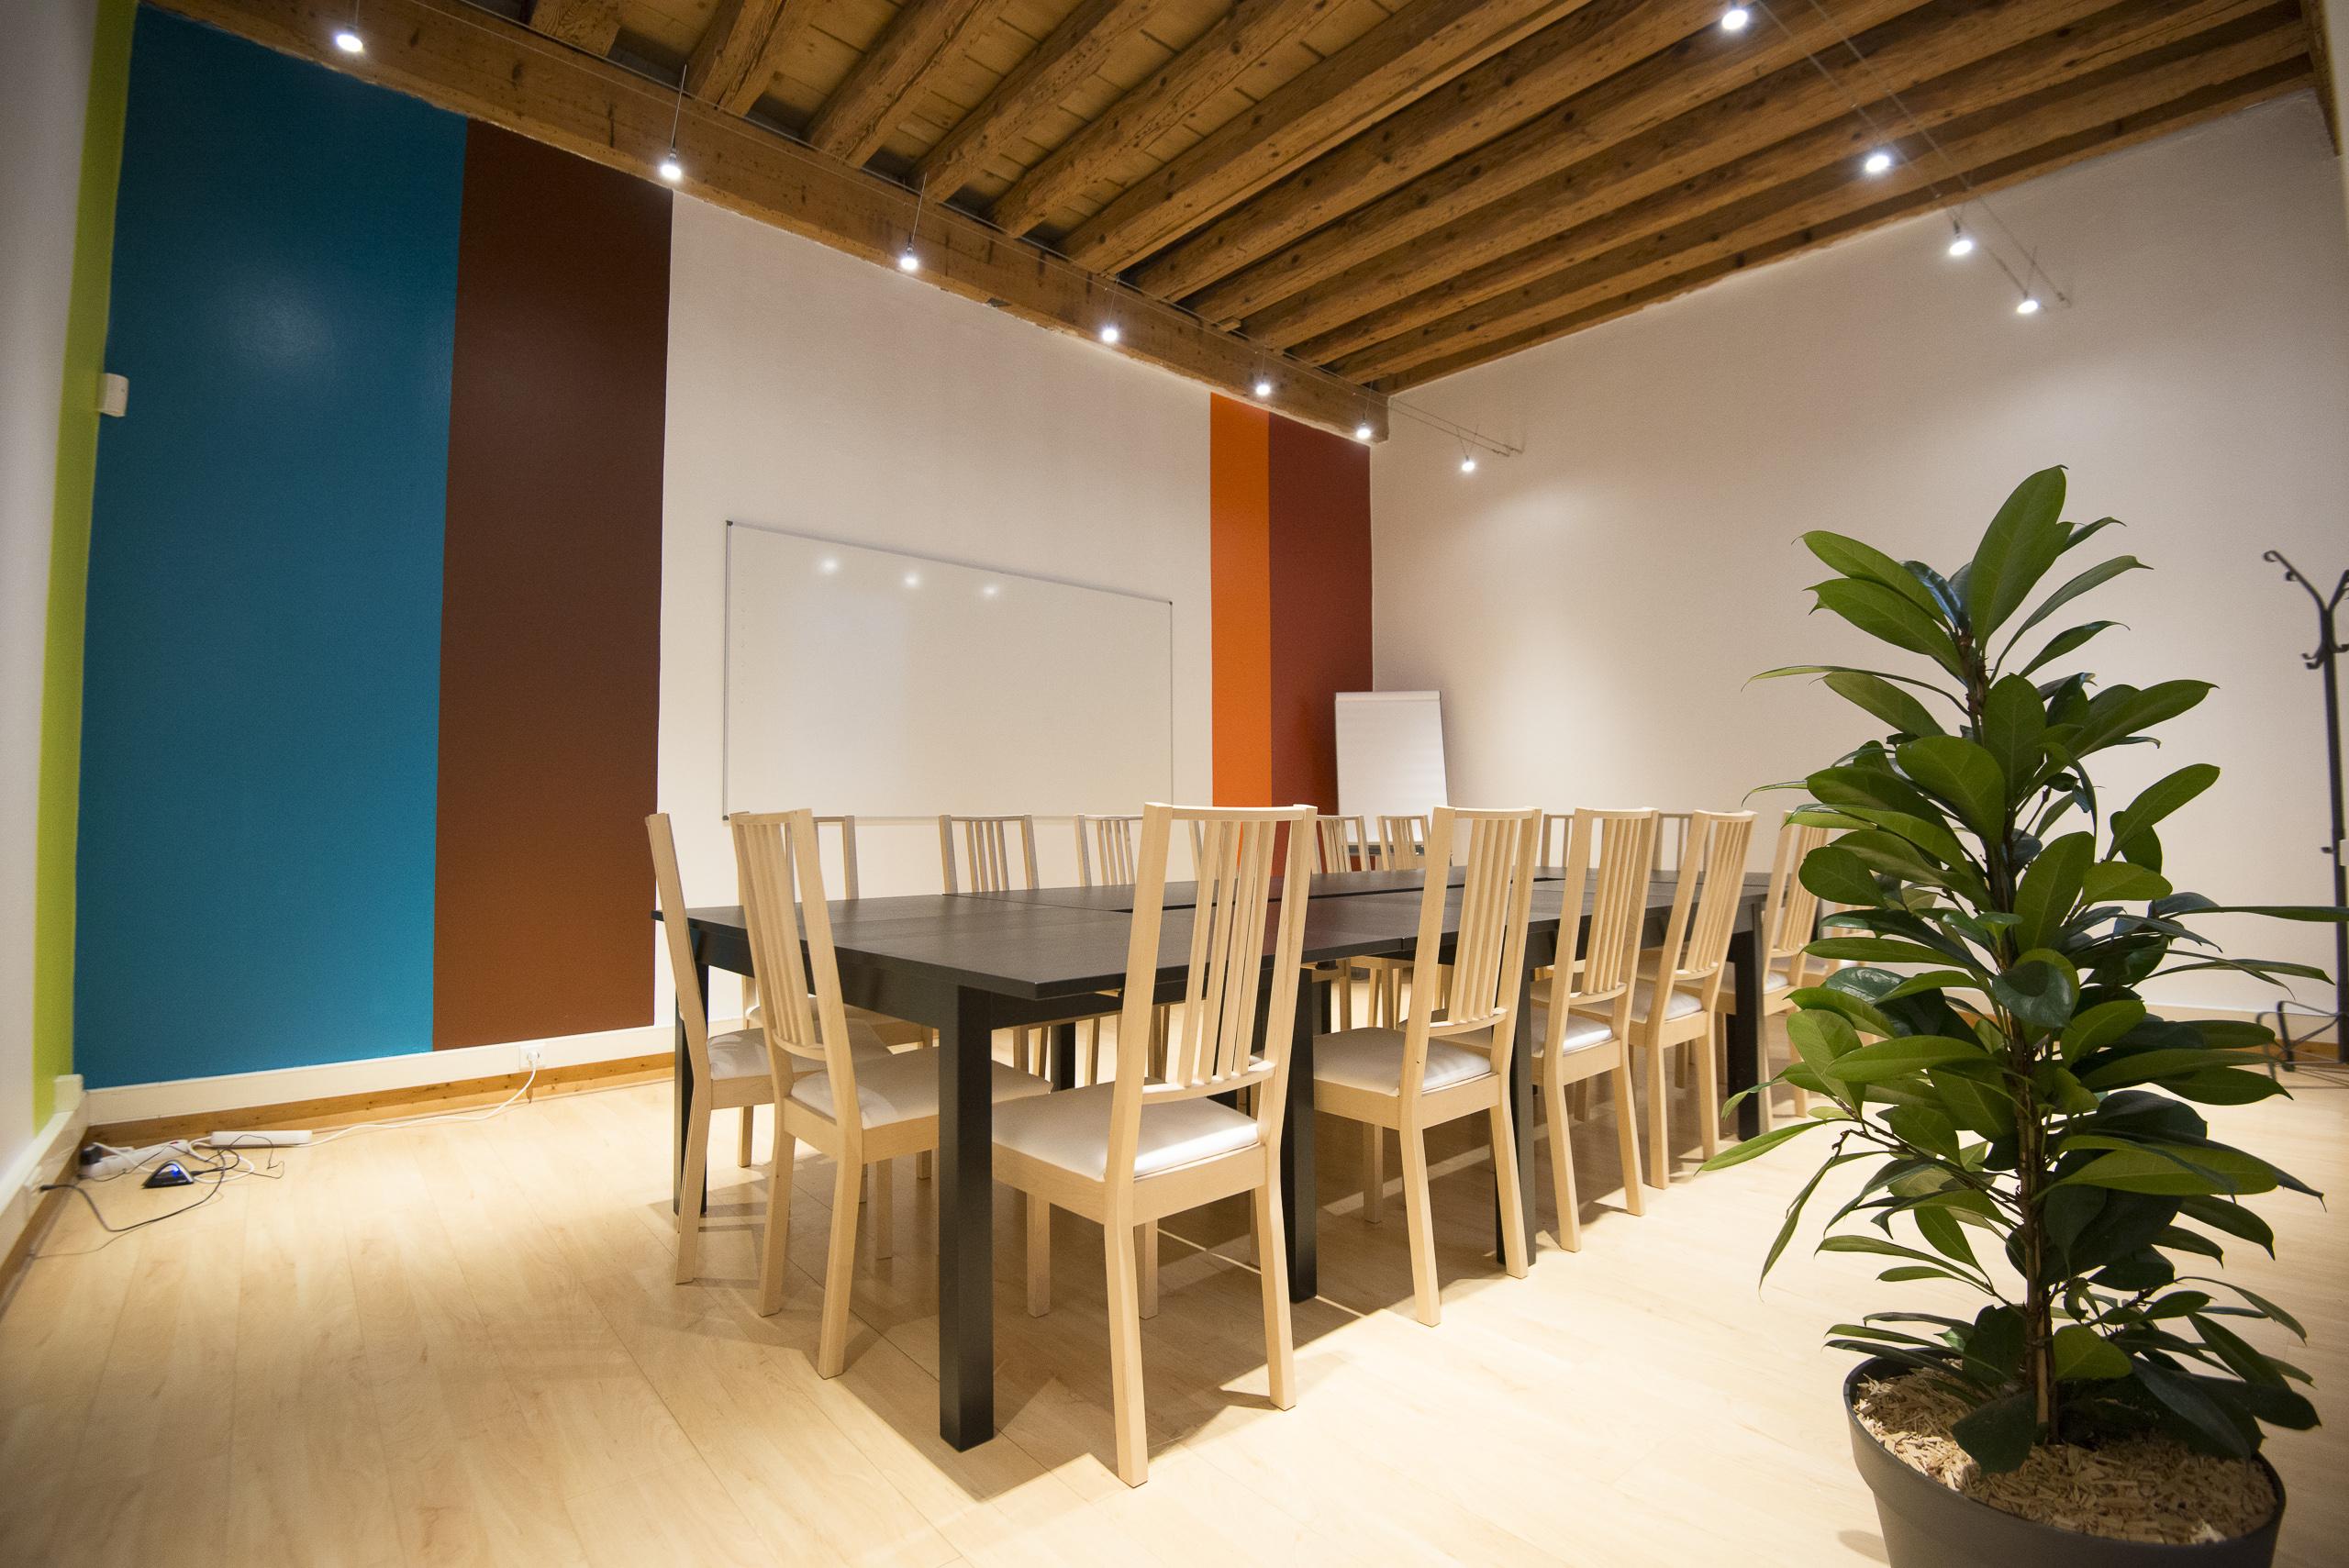 Location de la salle Picchu pour vos réunions et formations